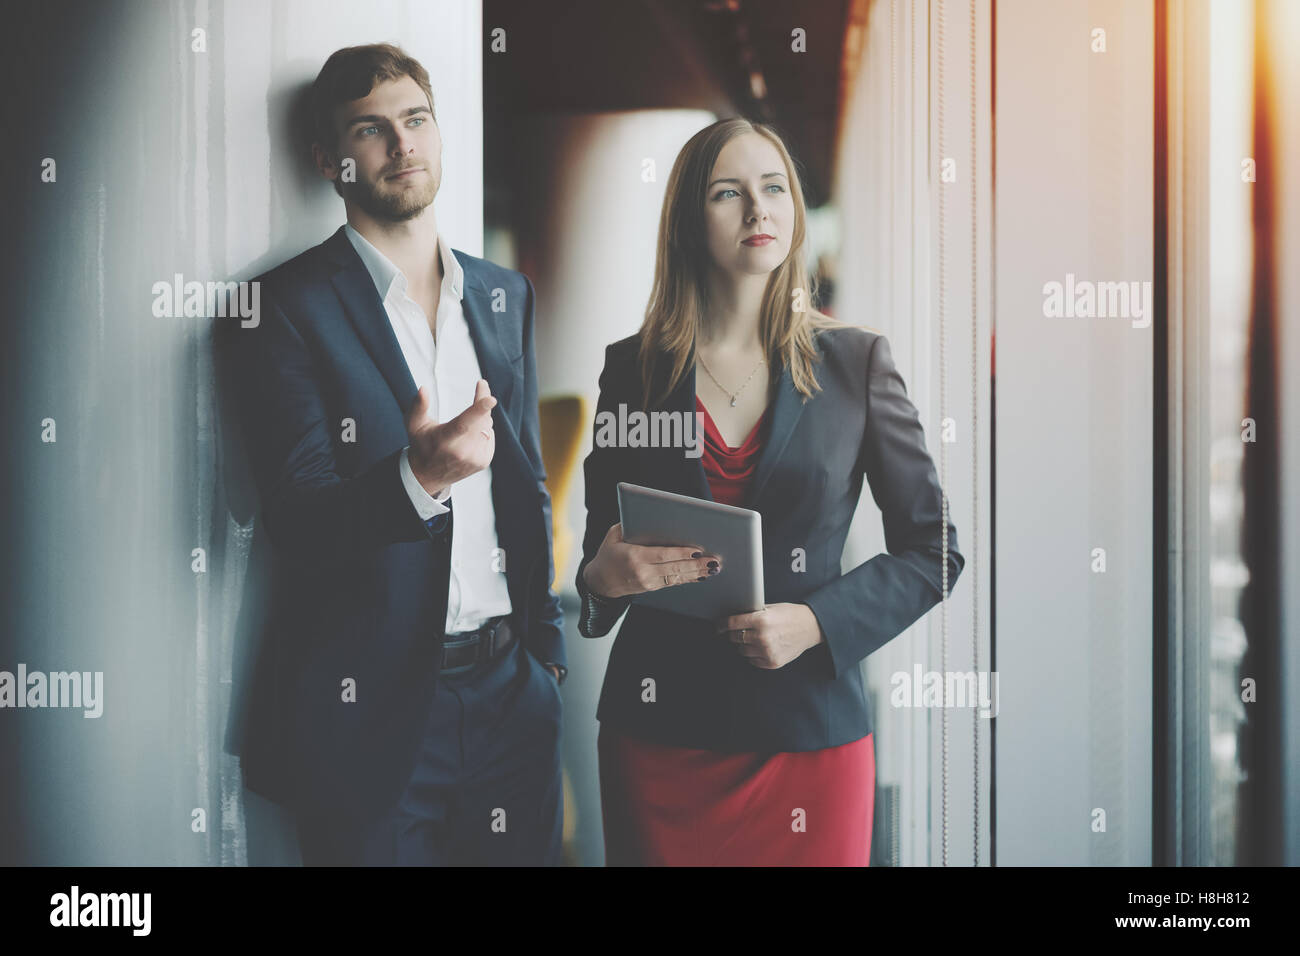 Gruppe von Geschäftsleuten: Mann in formellen Anzug und Frau im roten Kleid und Jacke Holding Tablet zeigt Stockbild